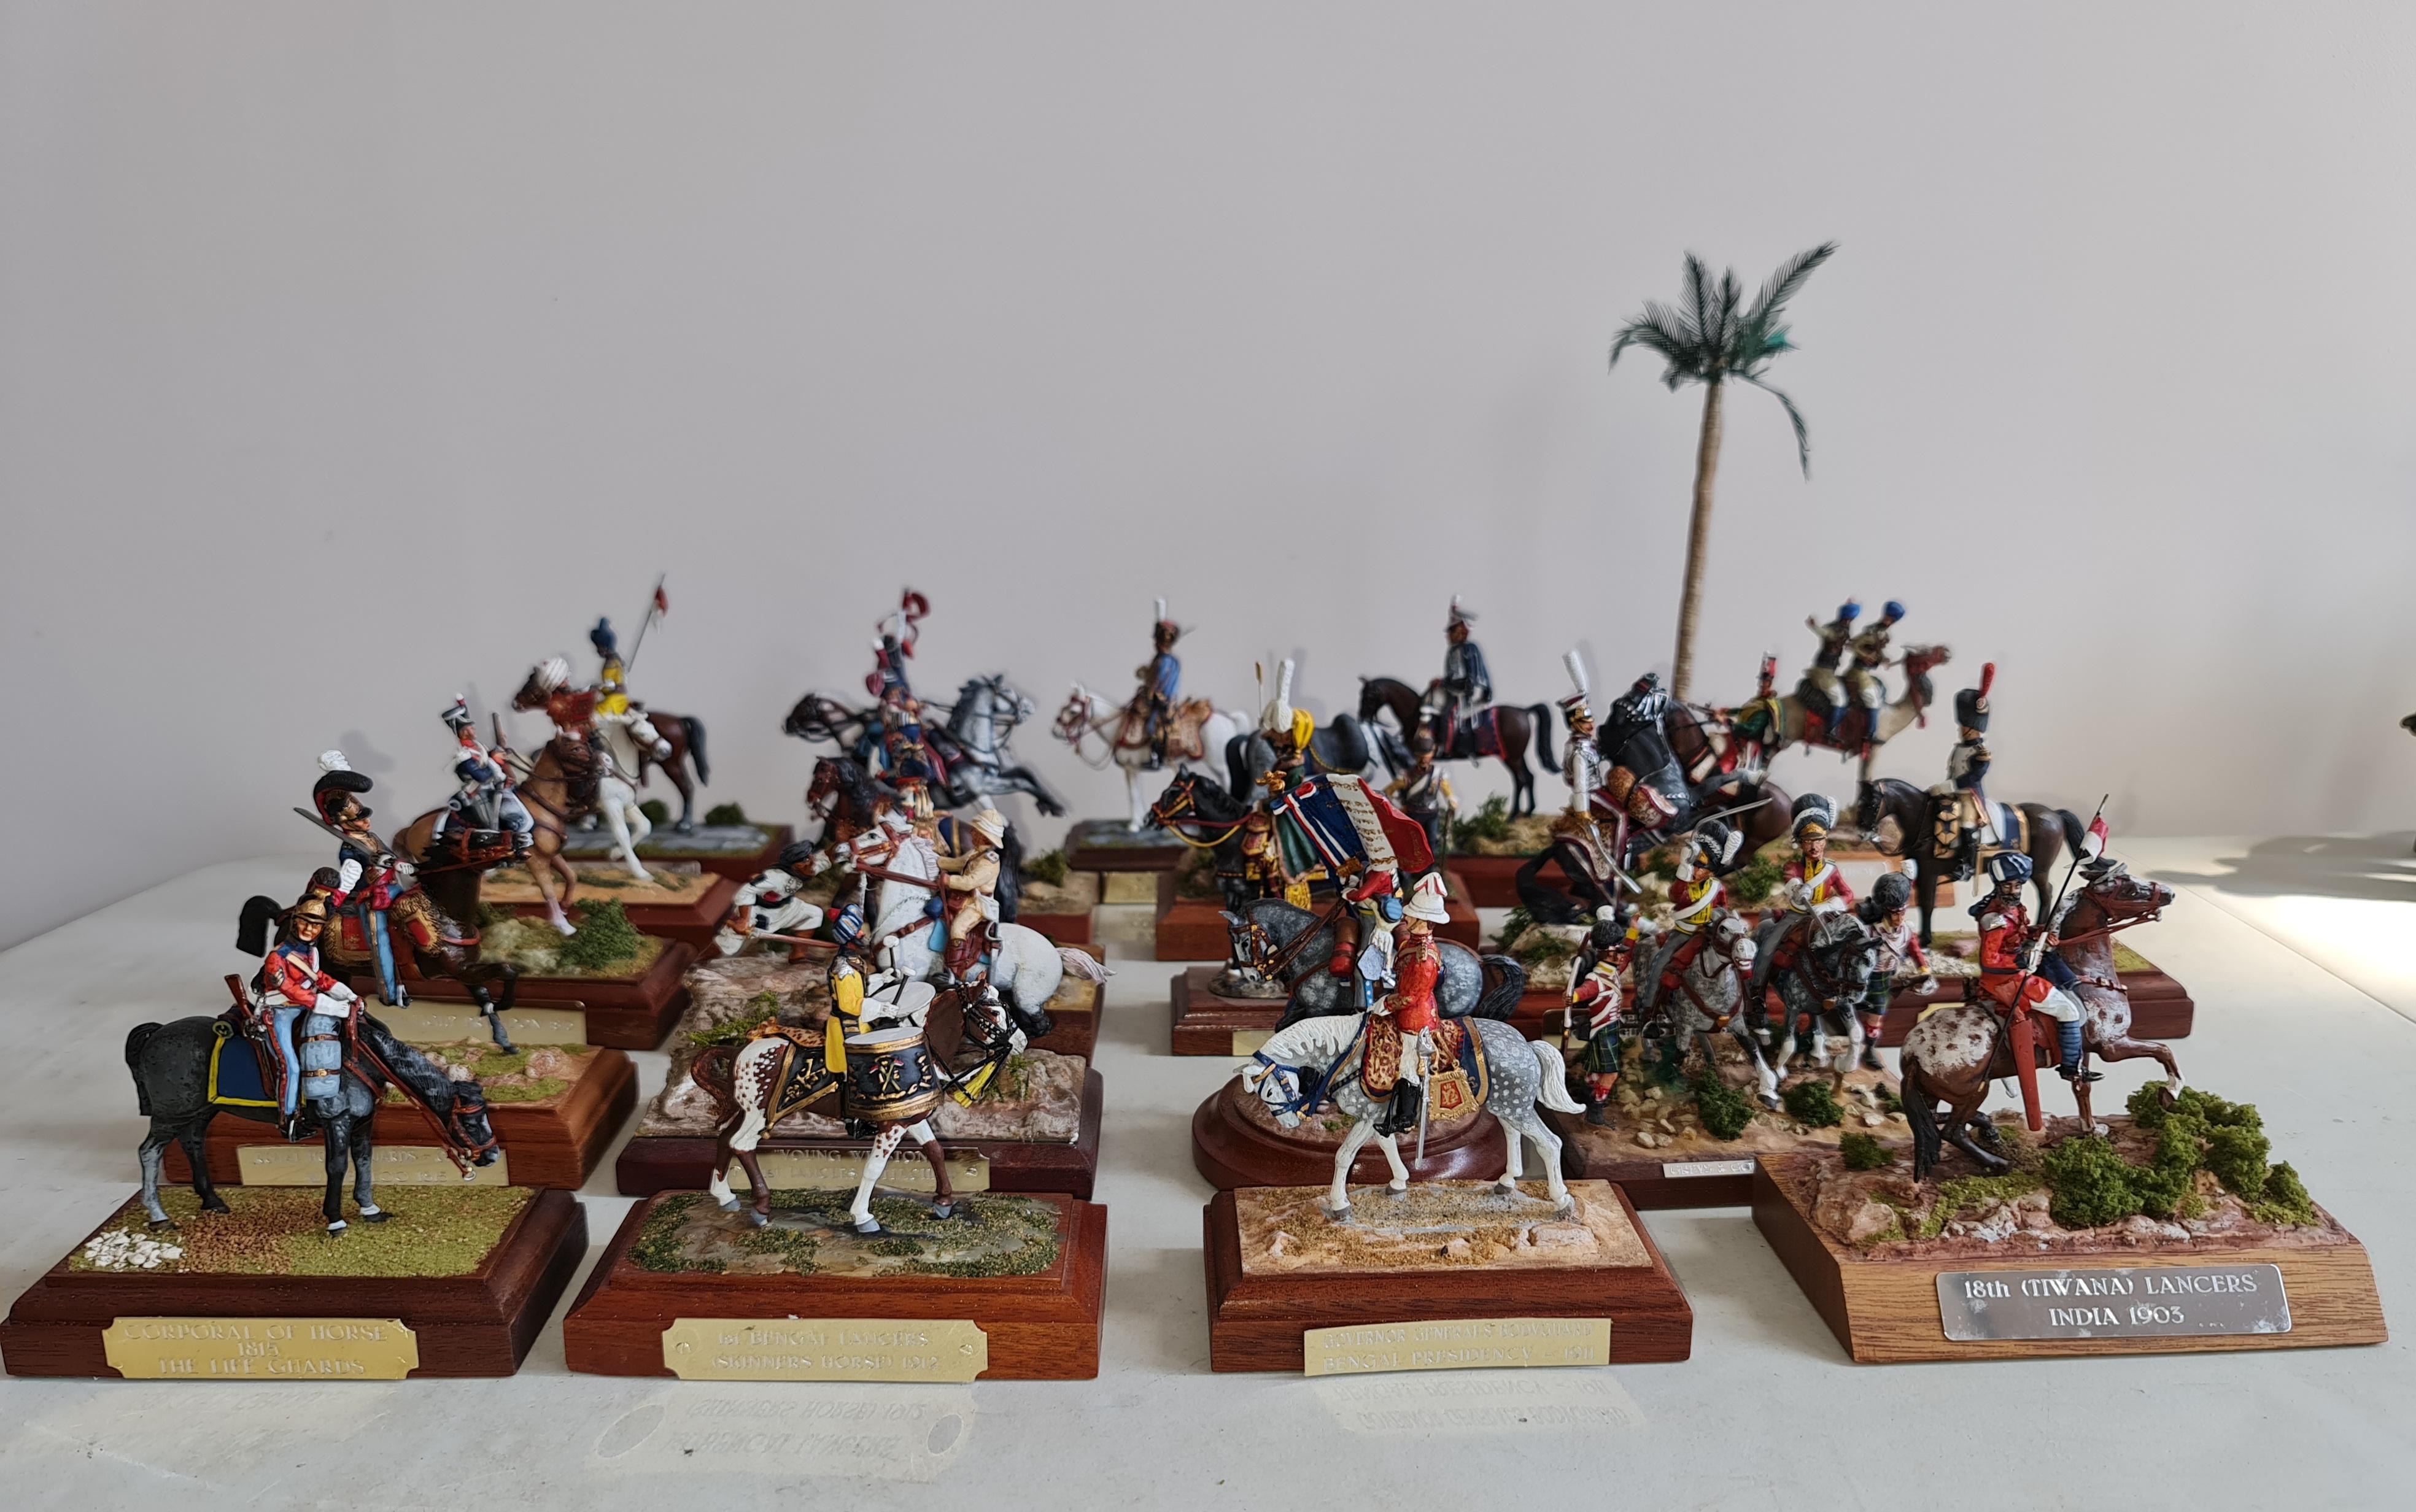 22 handpainted metal mounted on wood military figures on horseback scenes. IMPORTANT: Online viewing